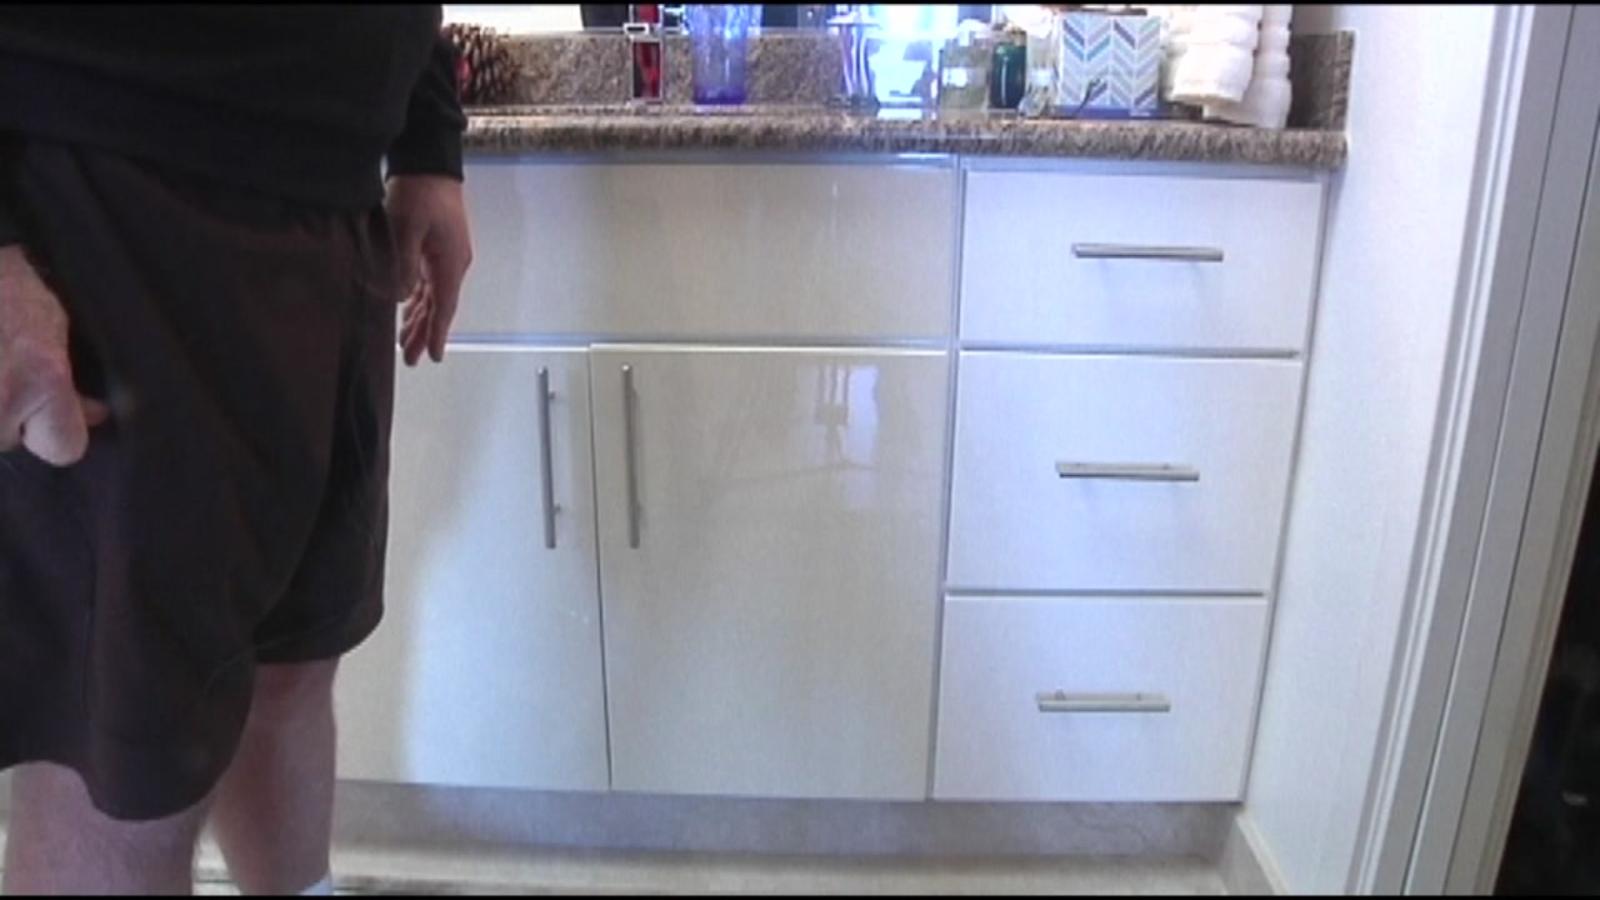 Granite Expo Labor Warranty Questioned Over Cabinet Installation